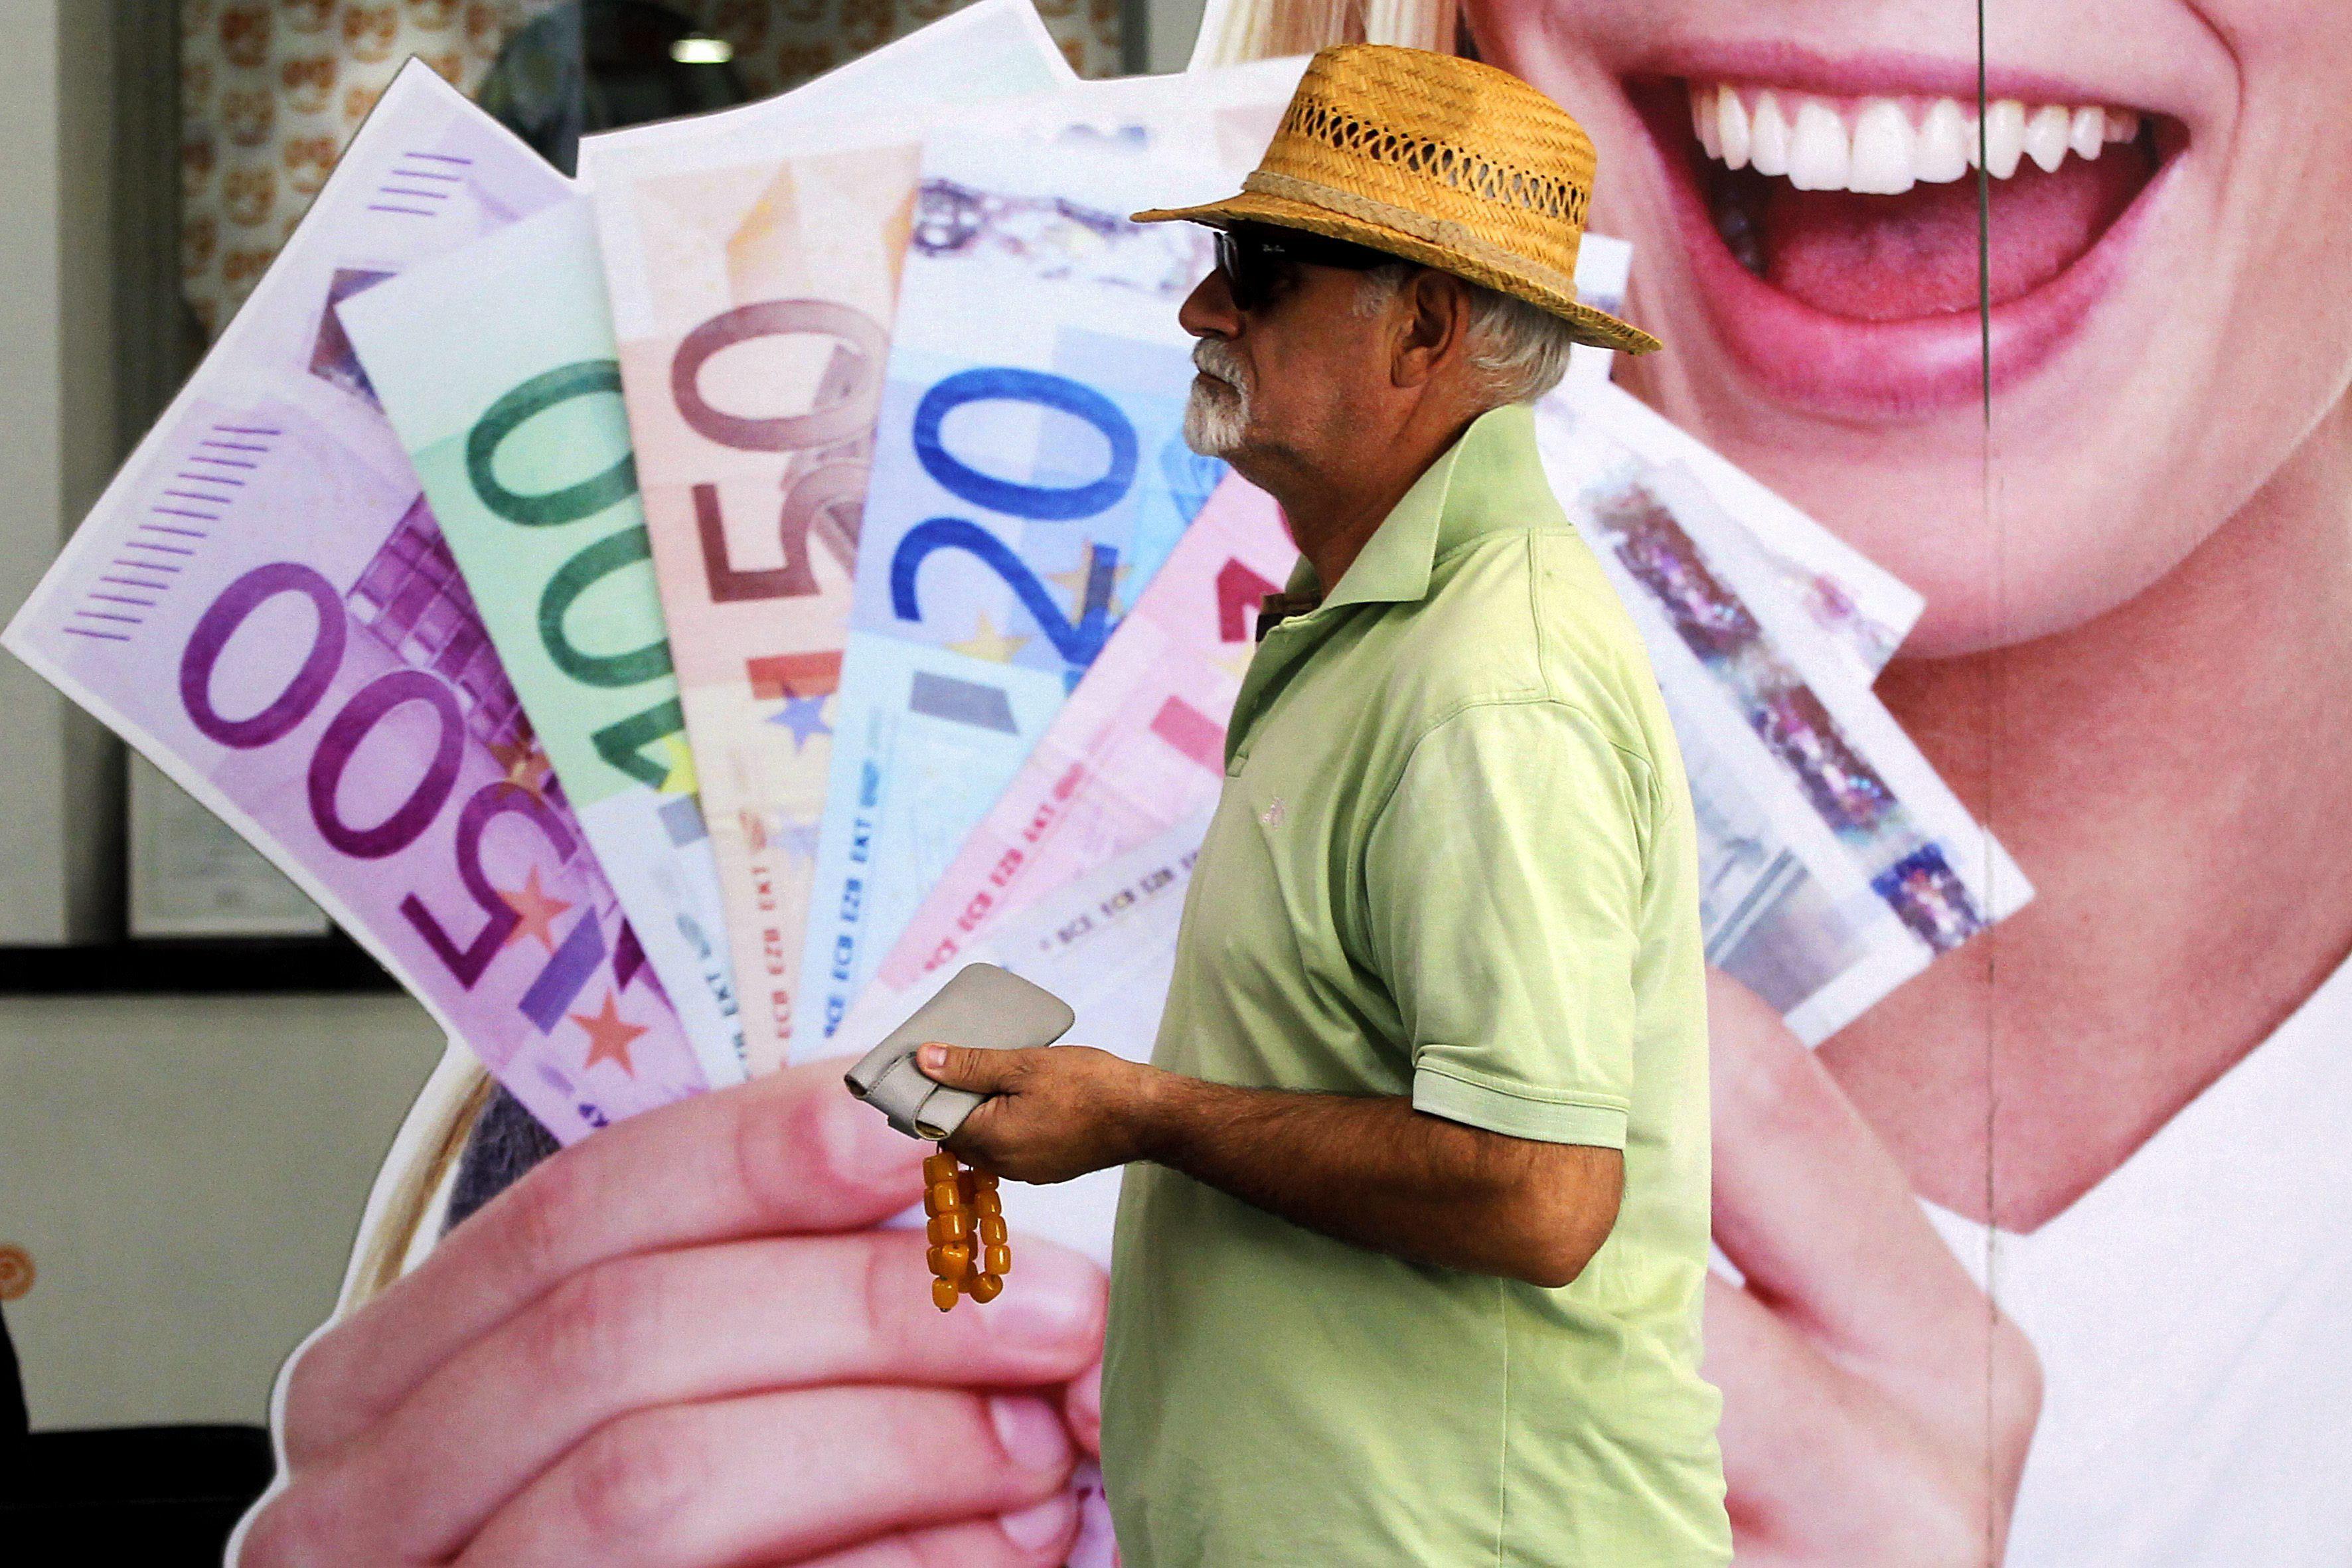 Grecia coloca 3.000 millones de euros en la primera salida al mercado en cuatro años